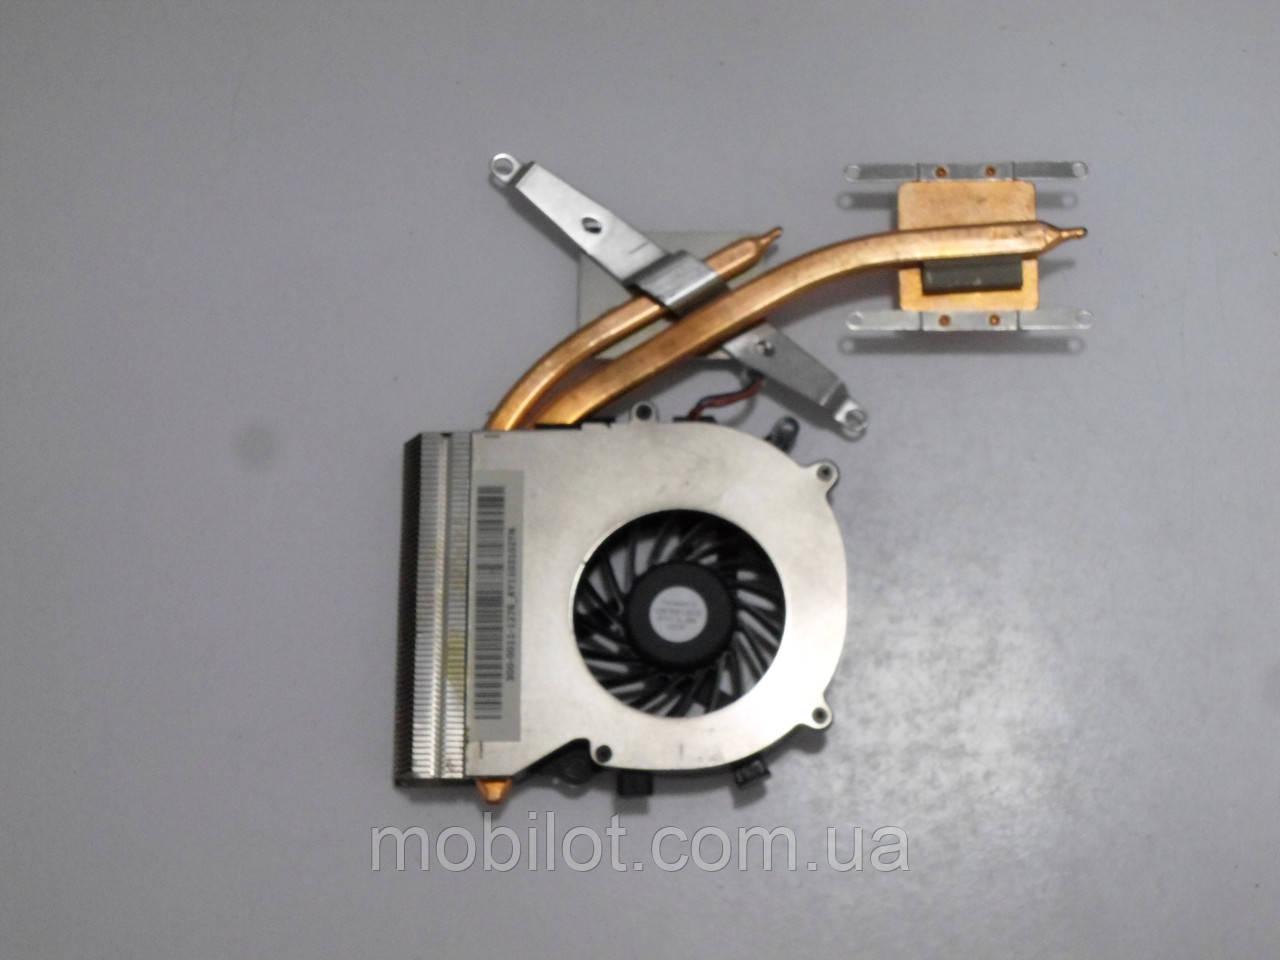 Система охлаждения Sony VPCEB4J1R (NZ-7510)